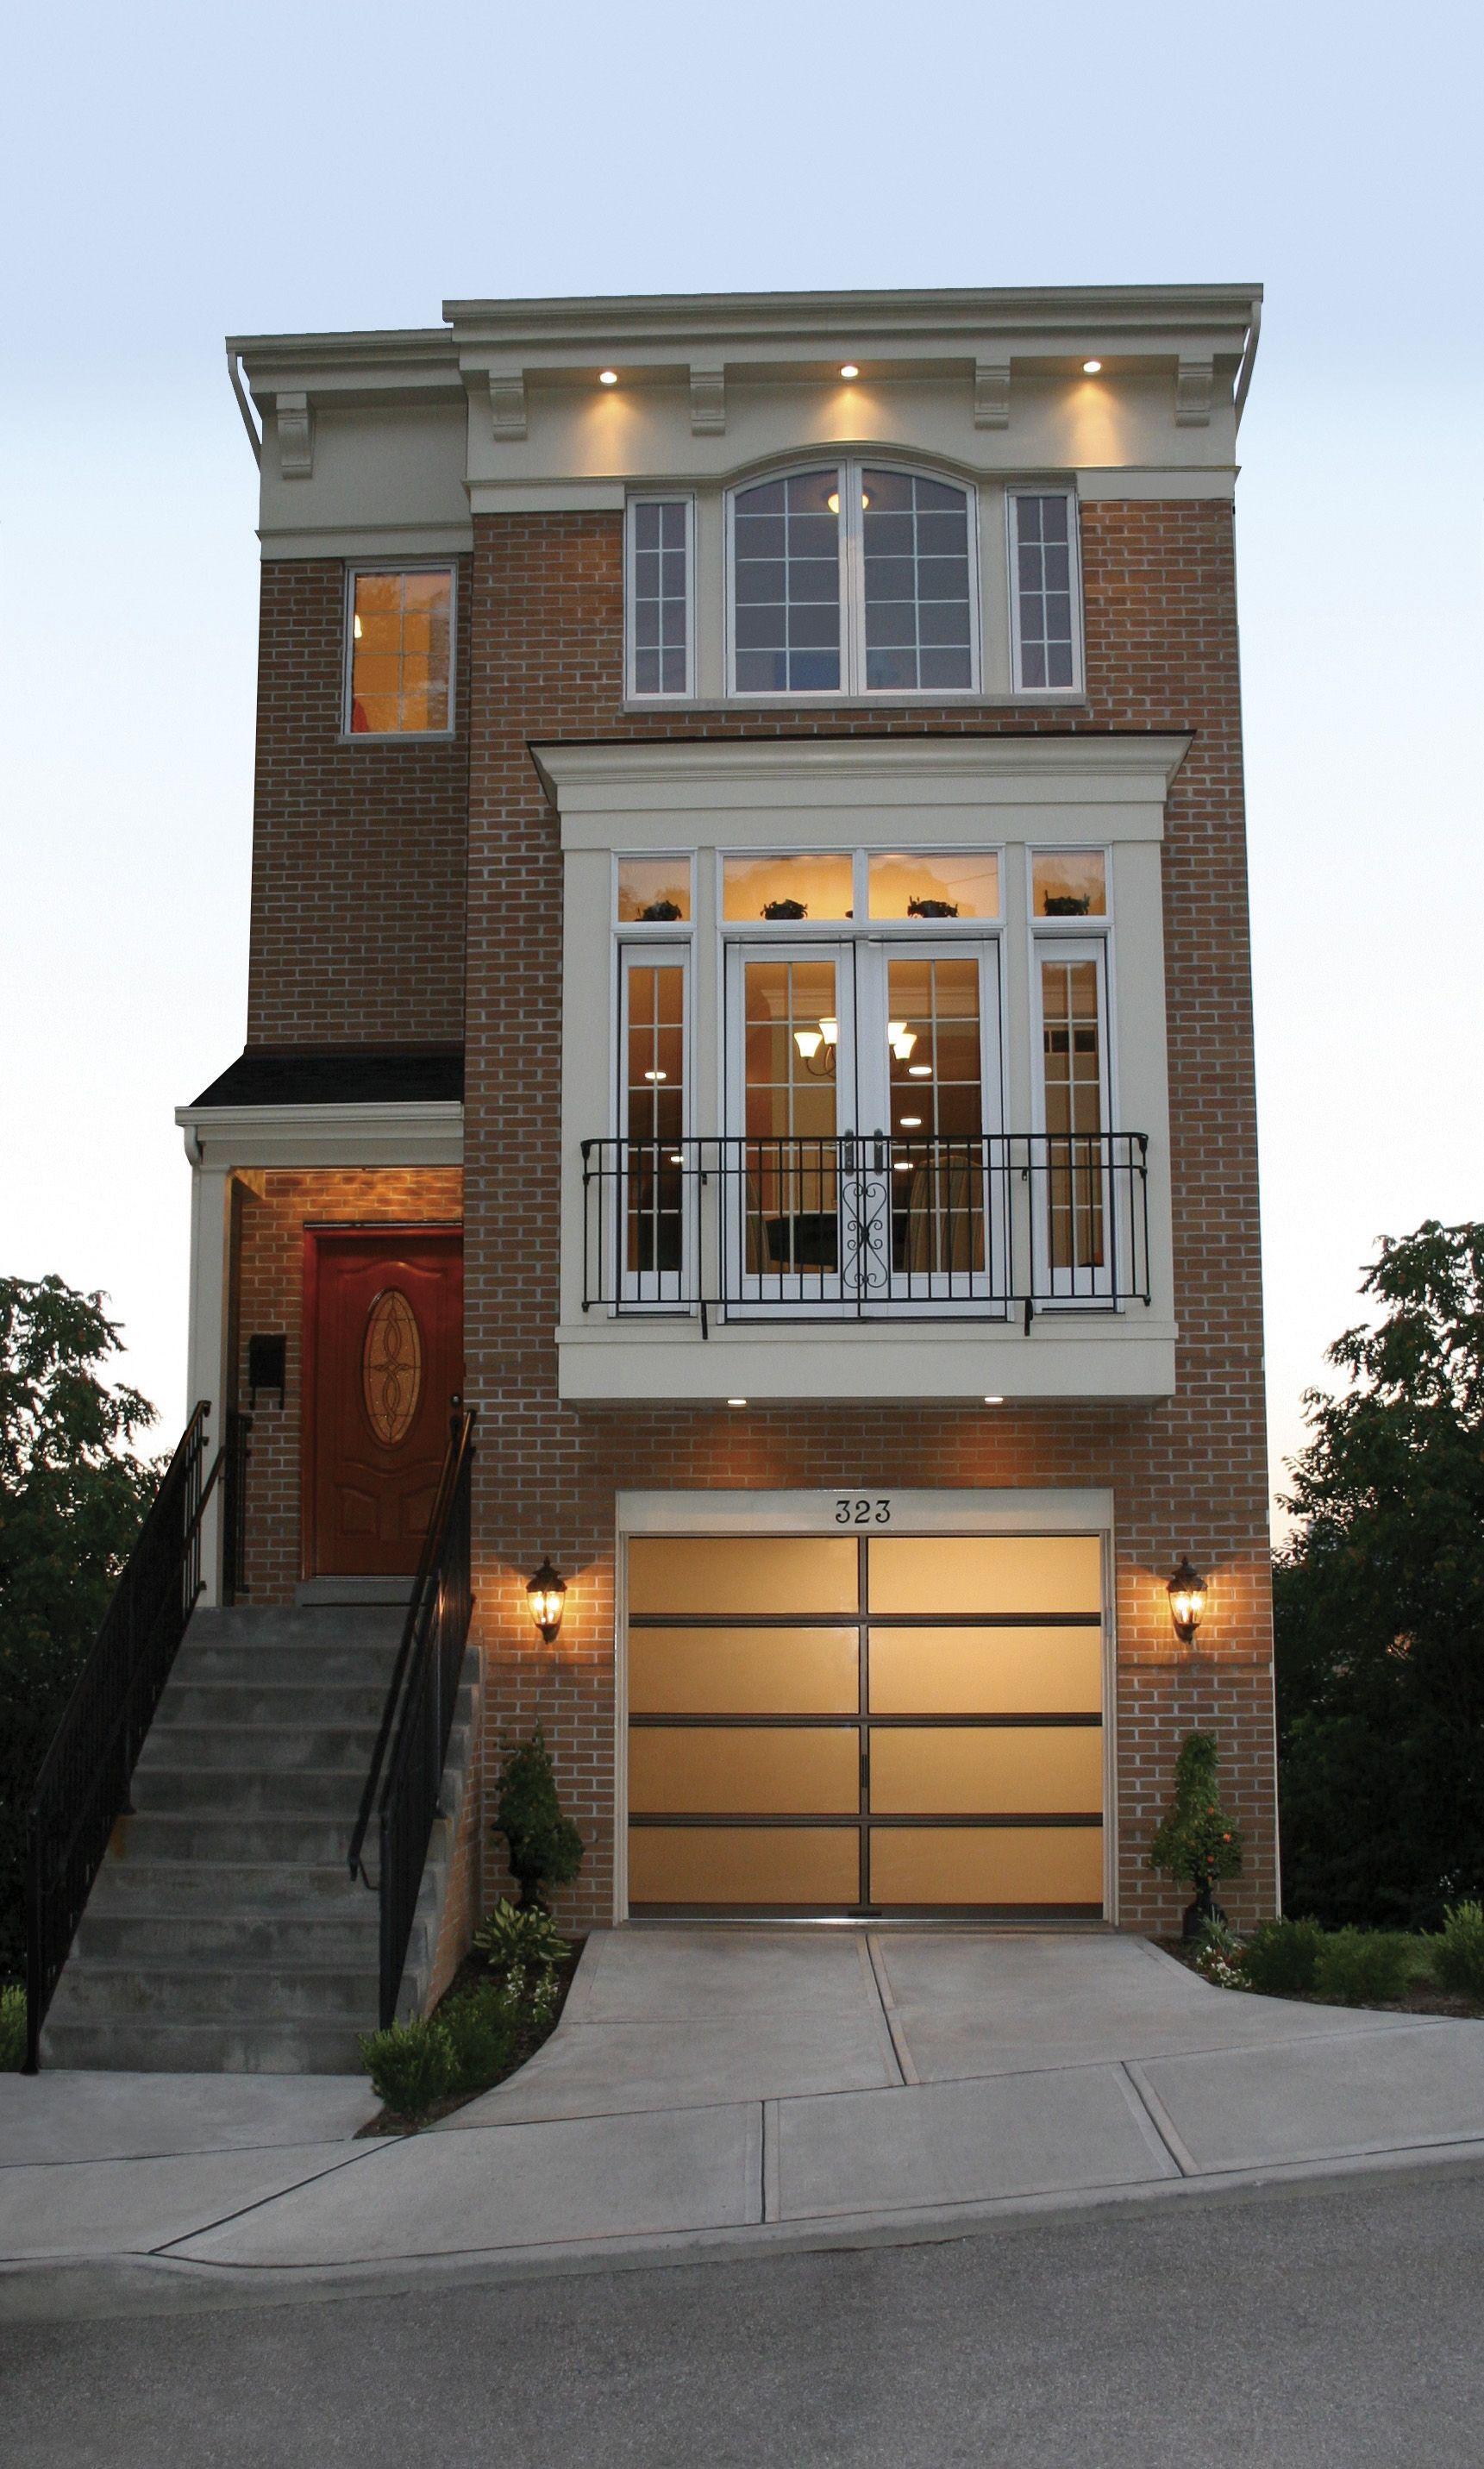 71 Contemporary Exterior Design Photos: Avante Collection - Aluminum Garage Doors - Clopay Door